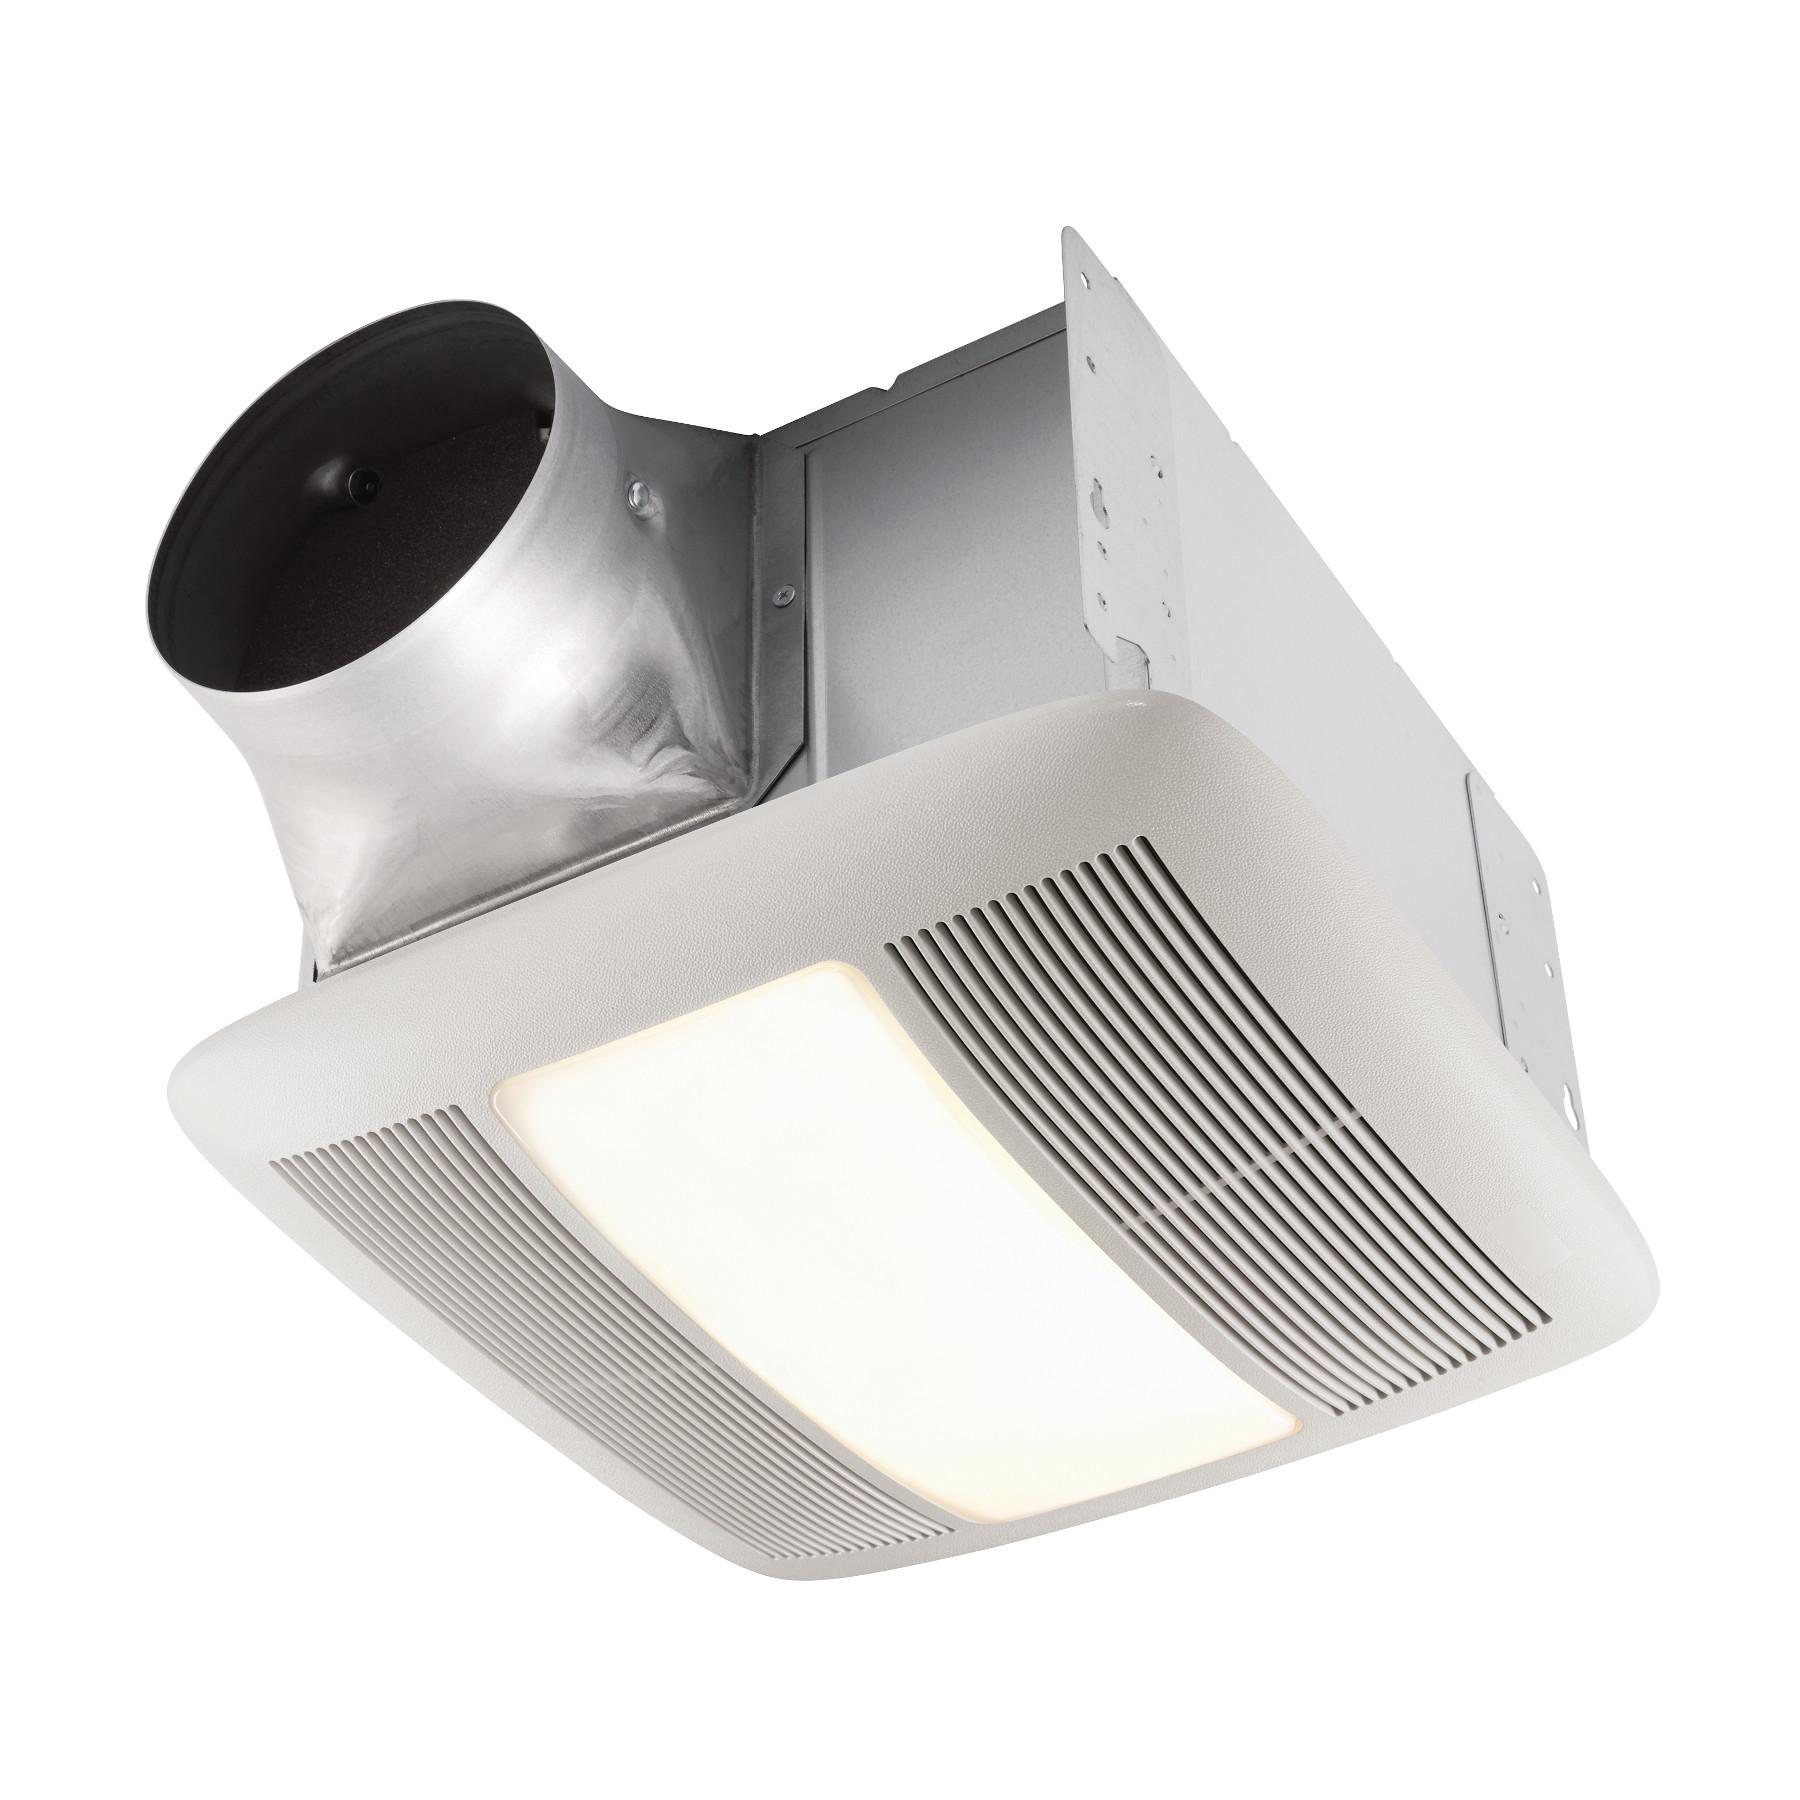 Qt140le Broan 140 Cfm Ventilation Fan